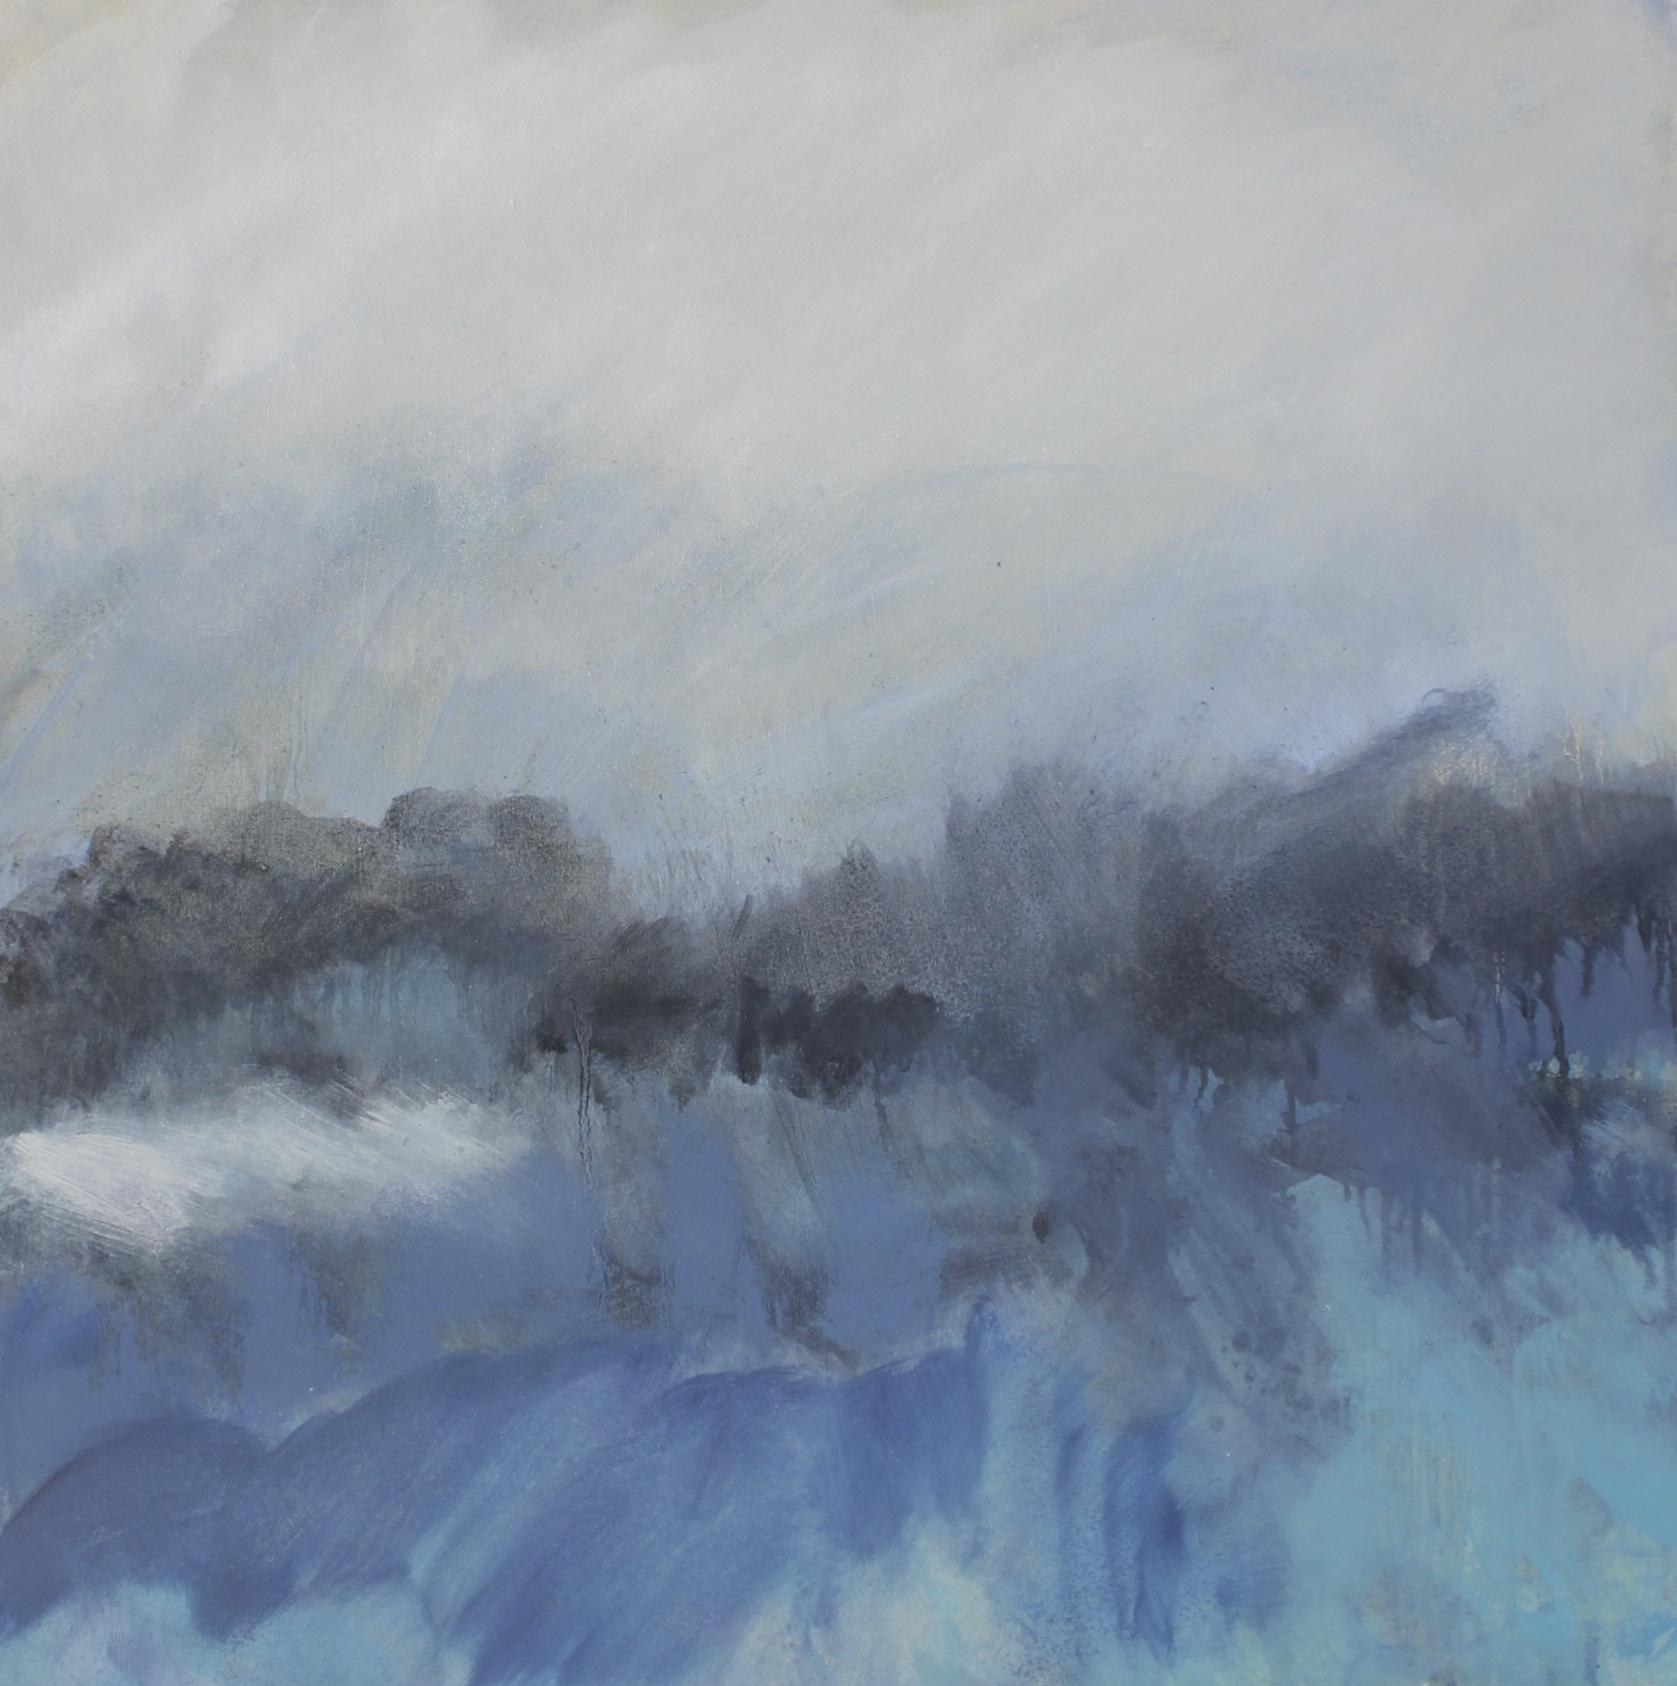 Leah-Beggs-2014-Oil-on-Canvas-72-x-72-cm-FOGGY-MORNING.jpg